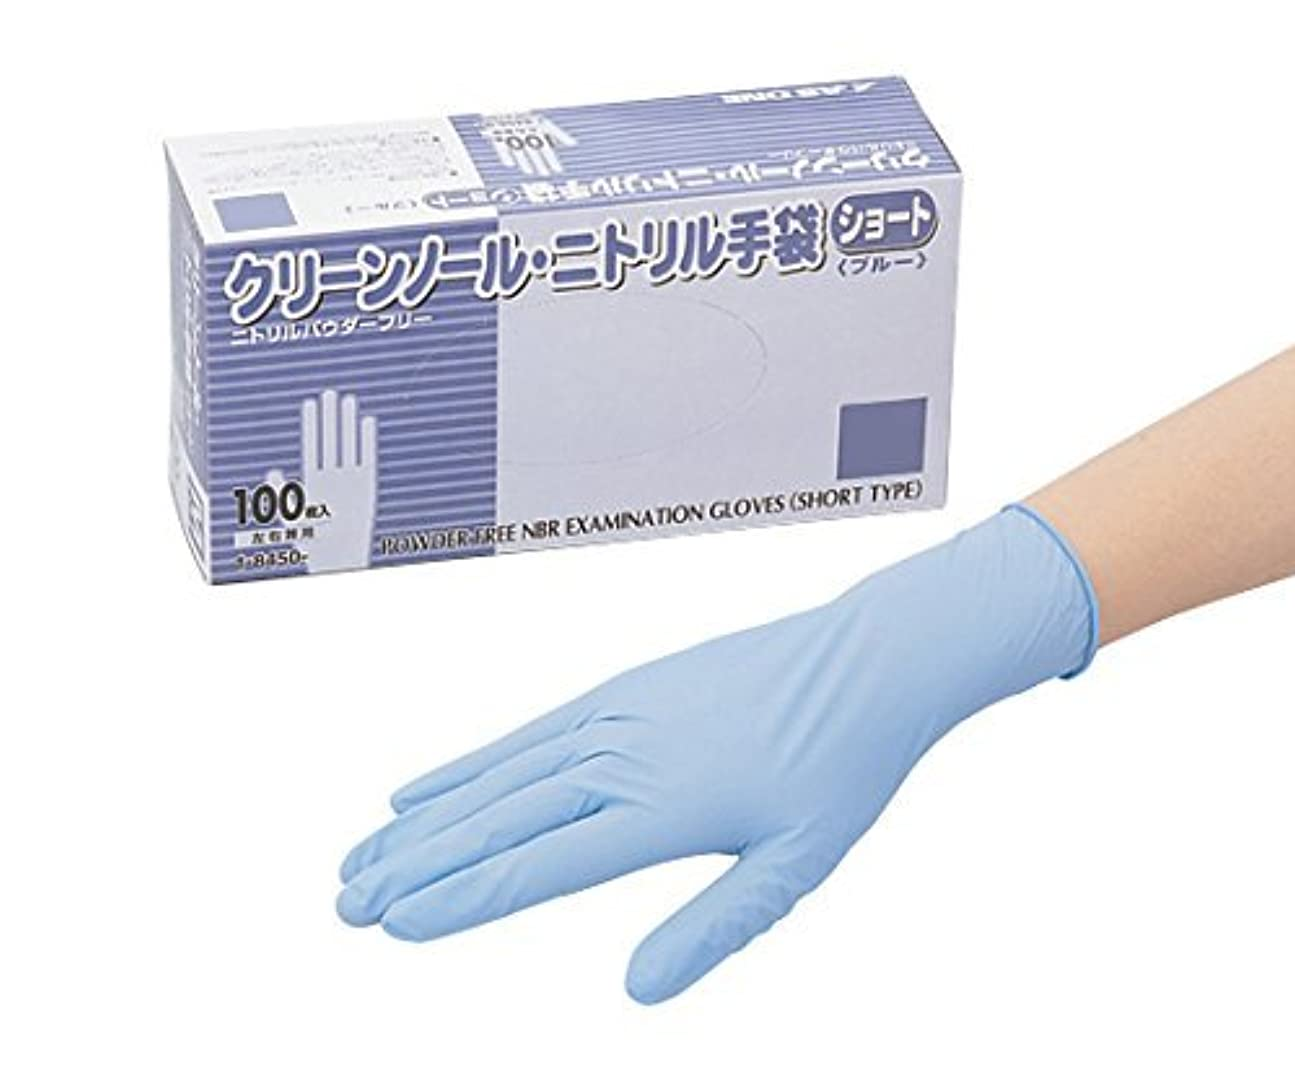 宗教地理忘れっぽいアズワン1-8450-24クリーンノールニトリル手袋ショート(パウダーフリ-)ブルーSS100枚入